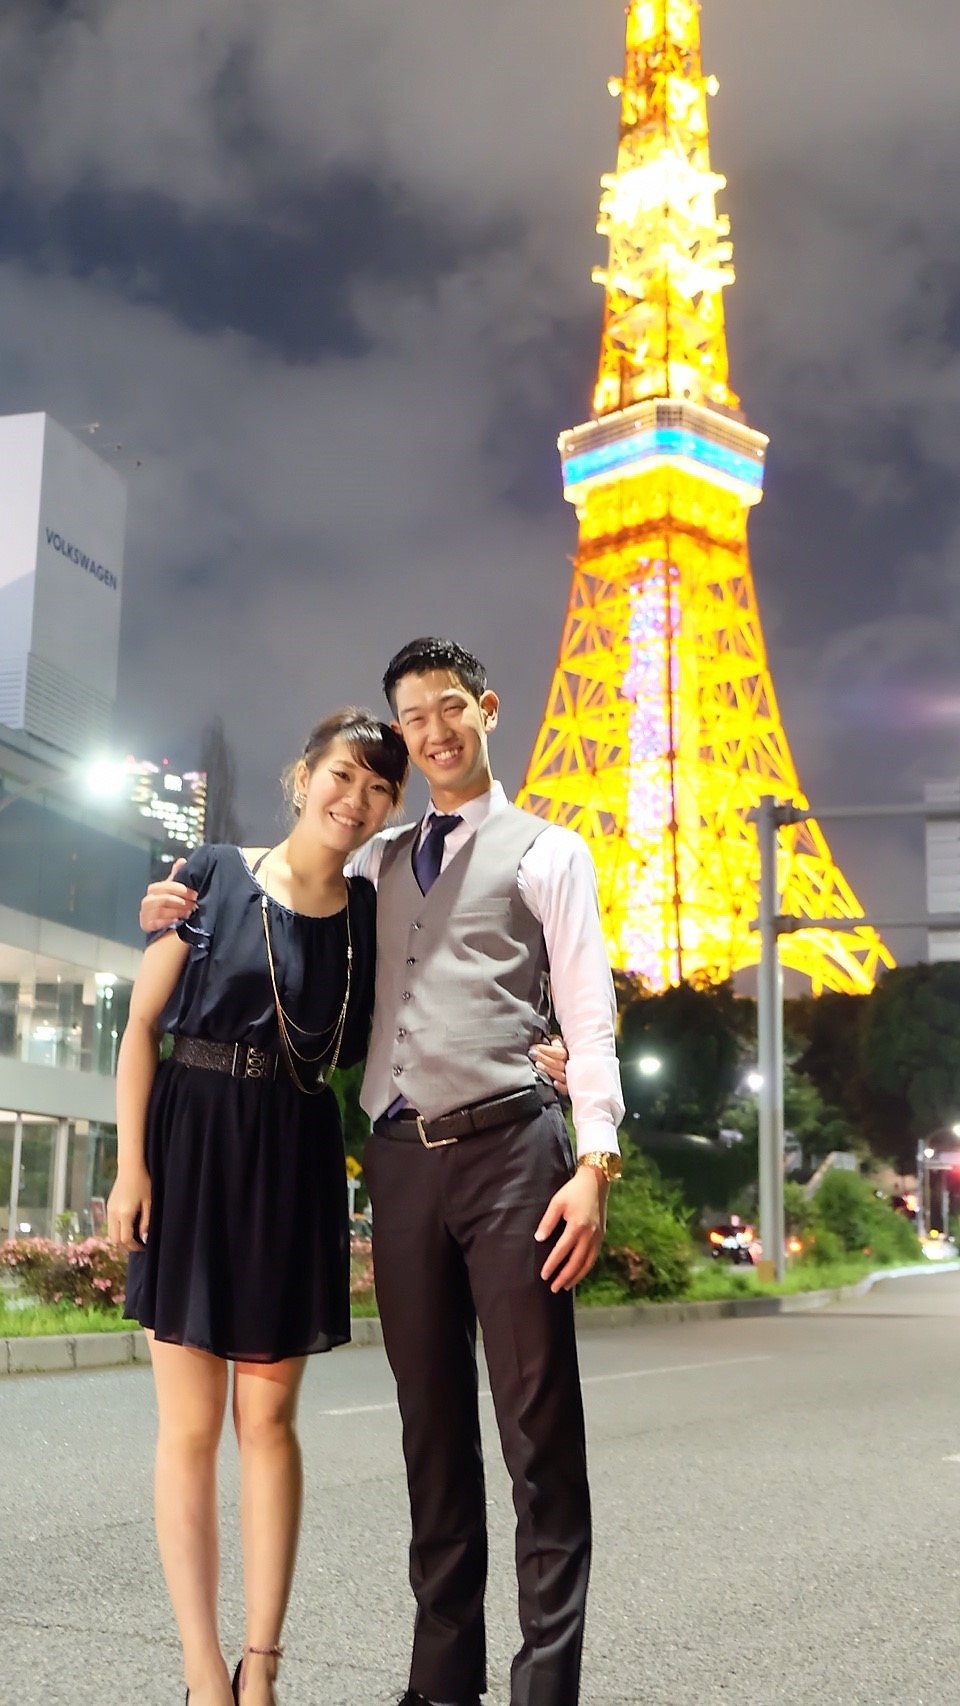 リムジンカップルデートが東京タワーで二人だけの時間をお過ごし下さい